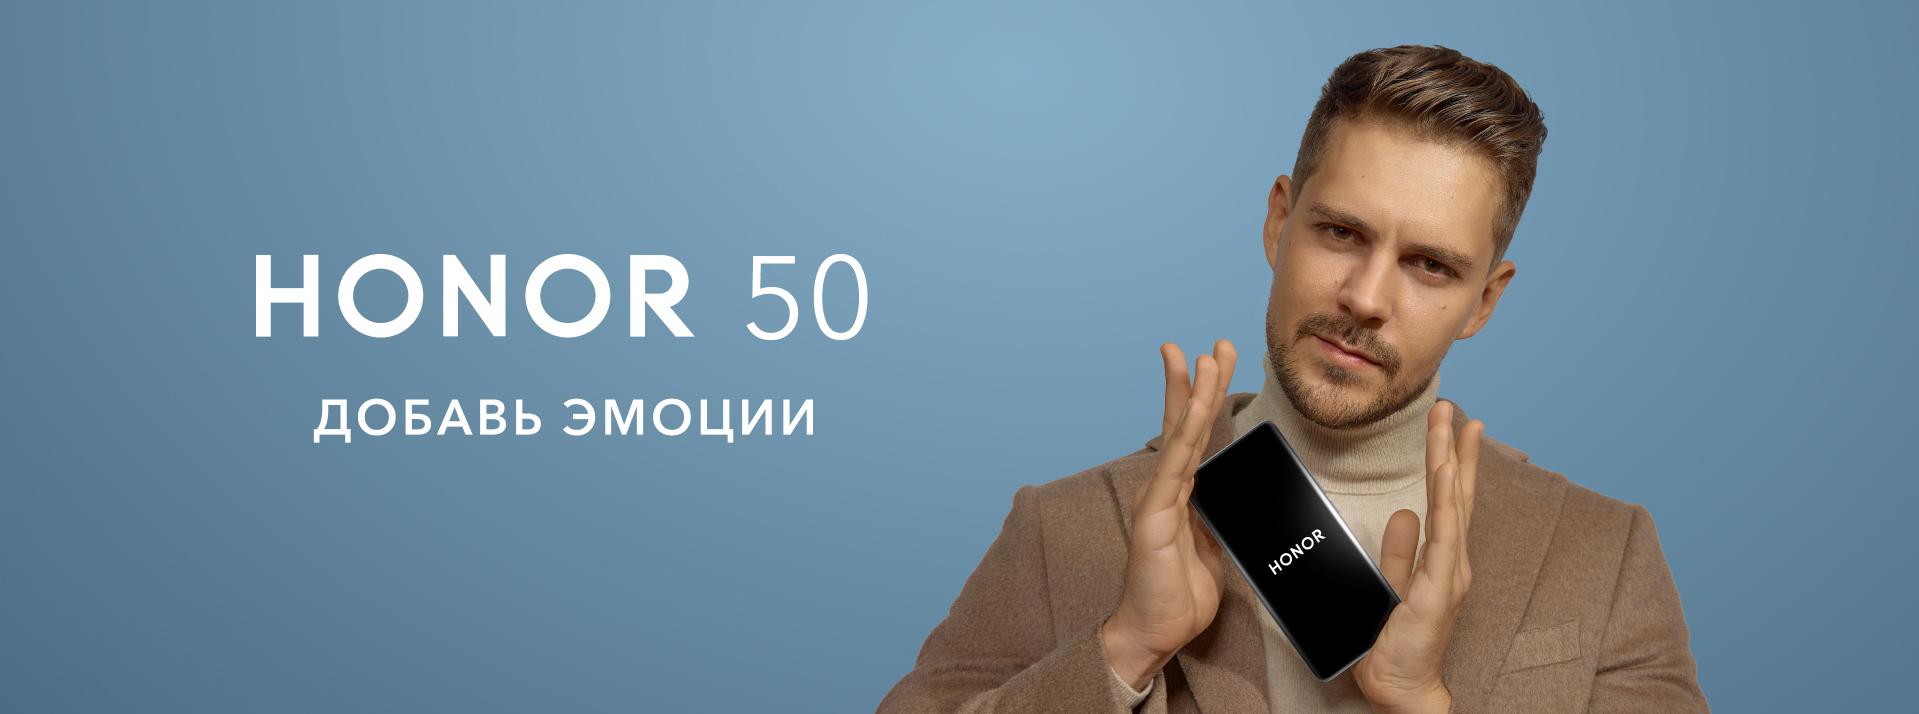 Встречайте лицо HONOR 50 в России